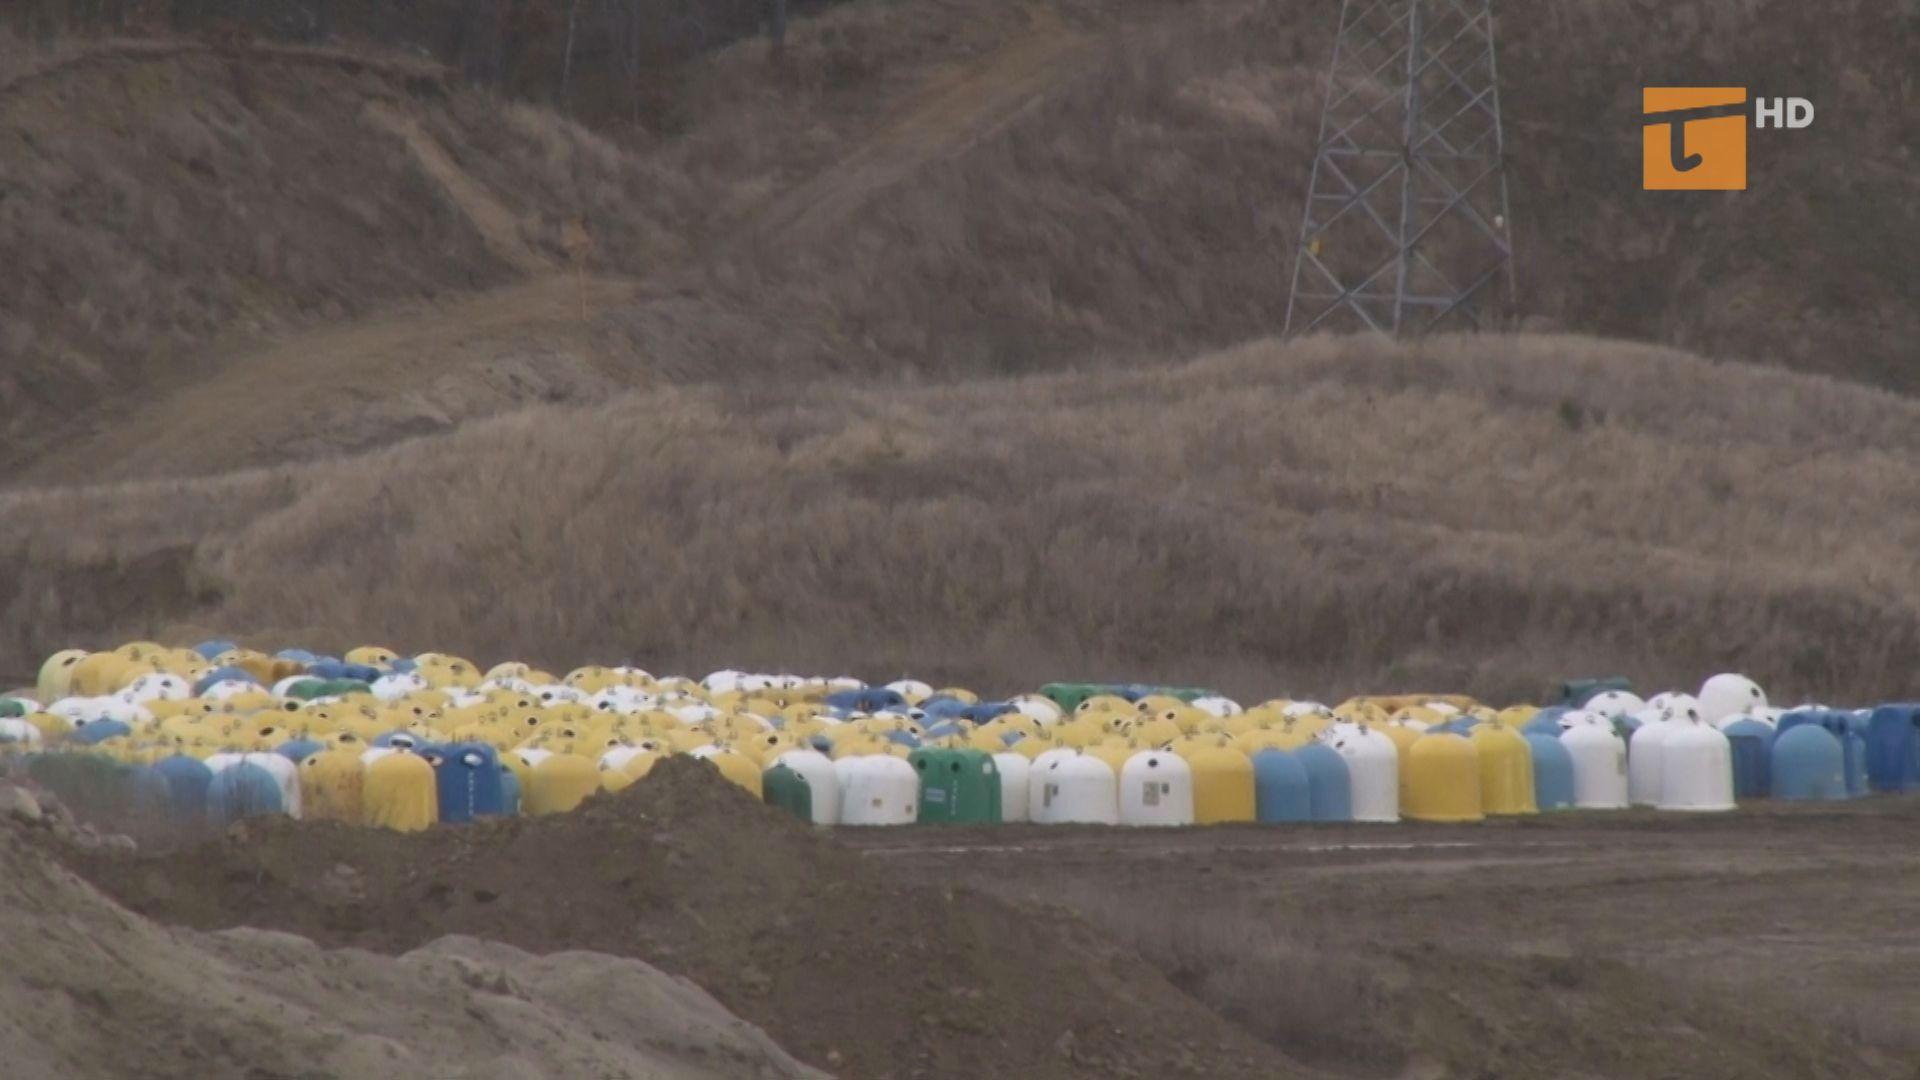 Wójt gminy Tczew rozważa utylizację śmietników